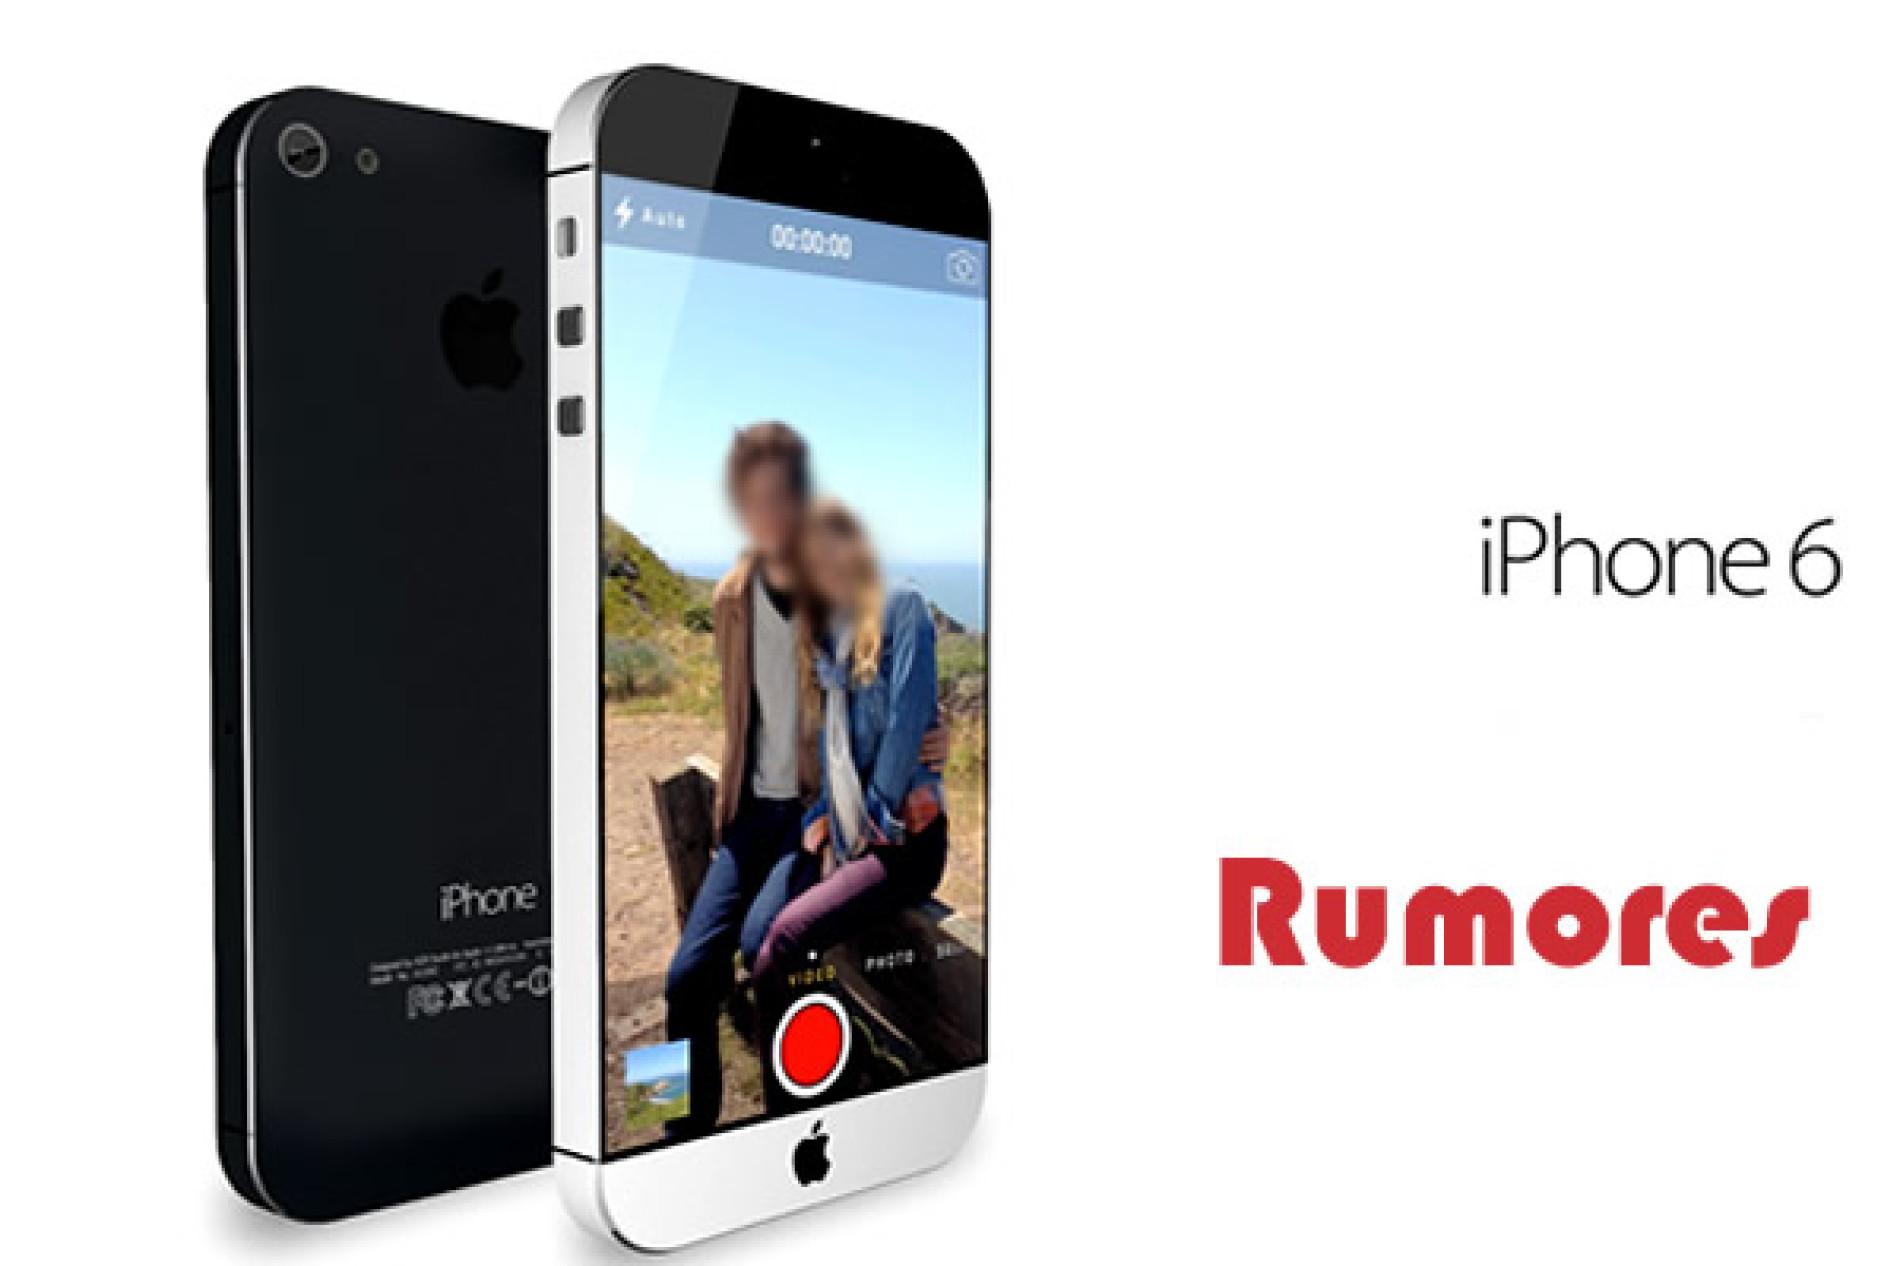 IPHONE 6 – Novidades e Rumores da próxima versão